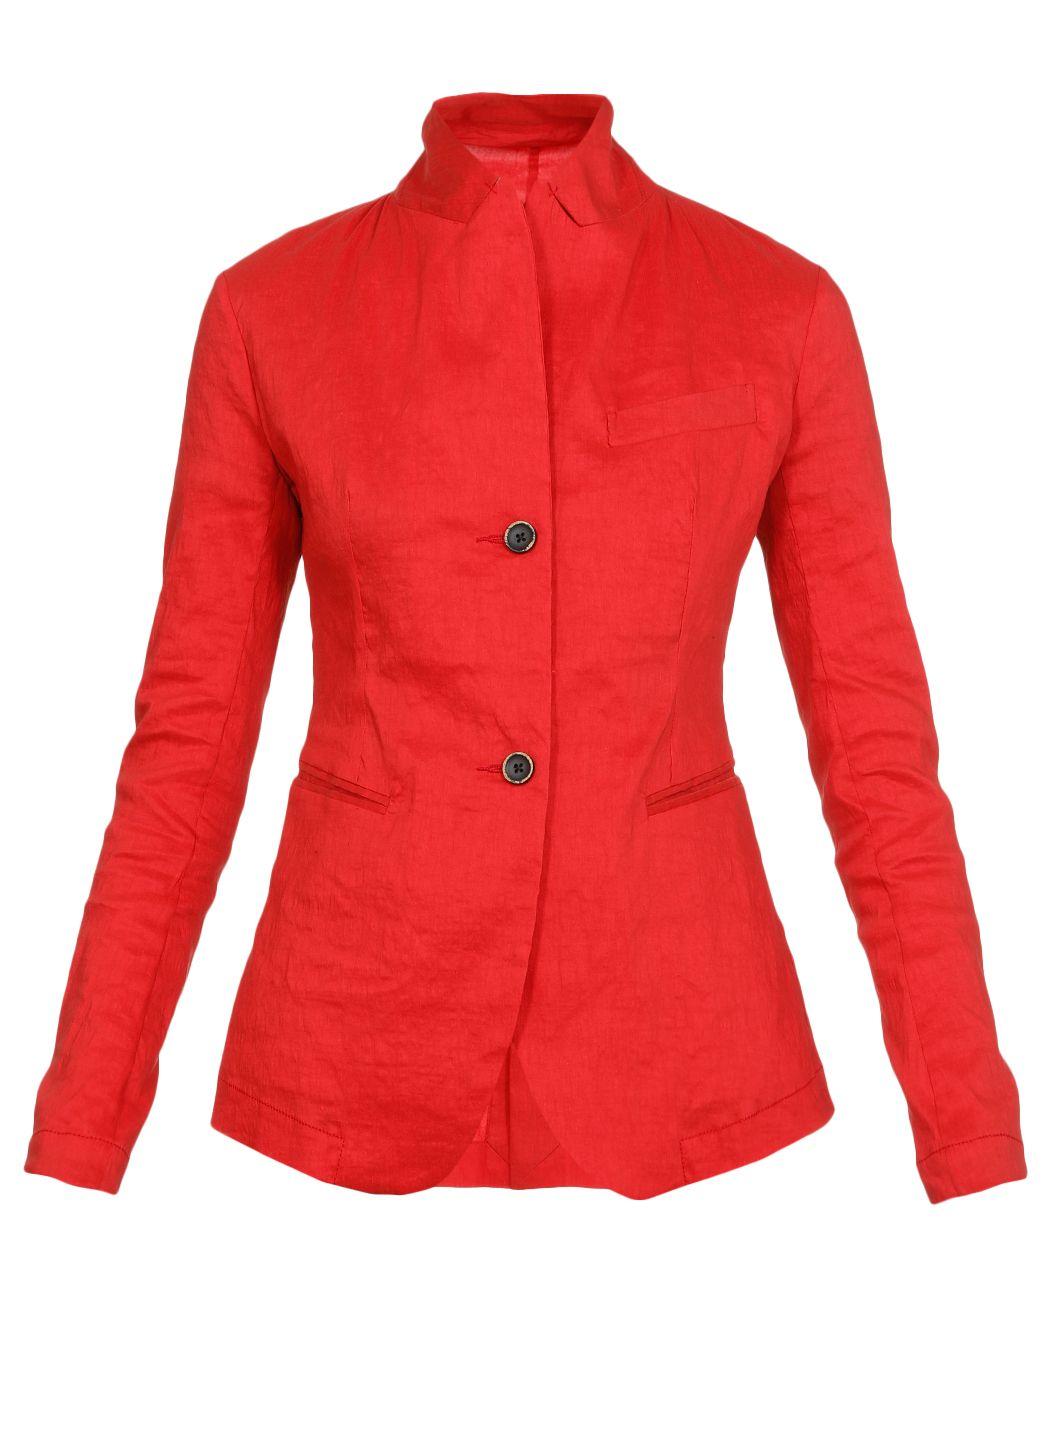 Kenzie Jacket